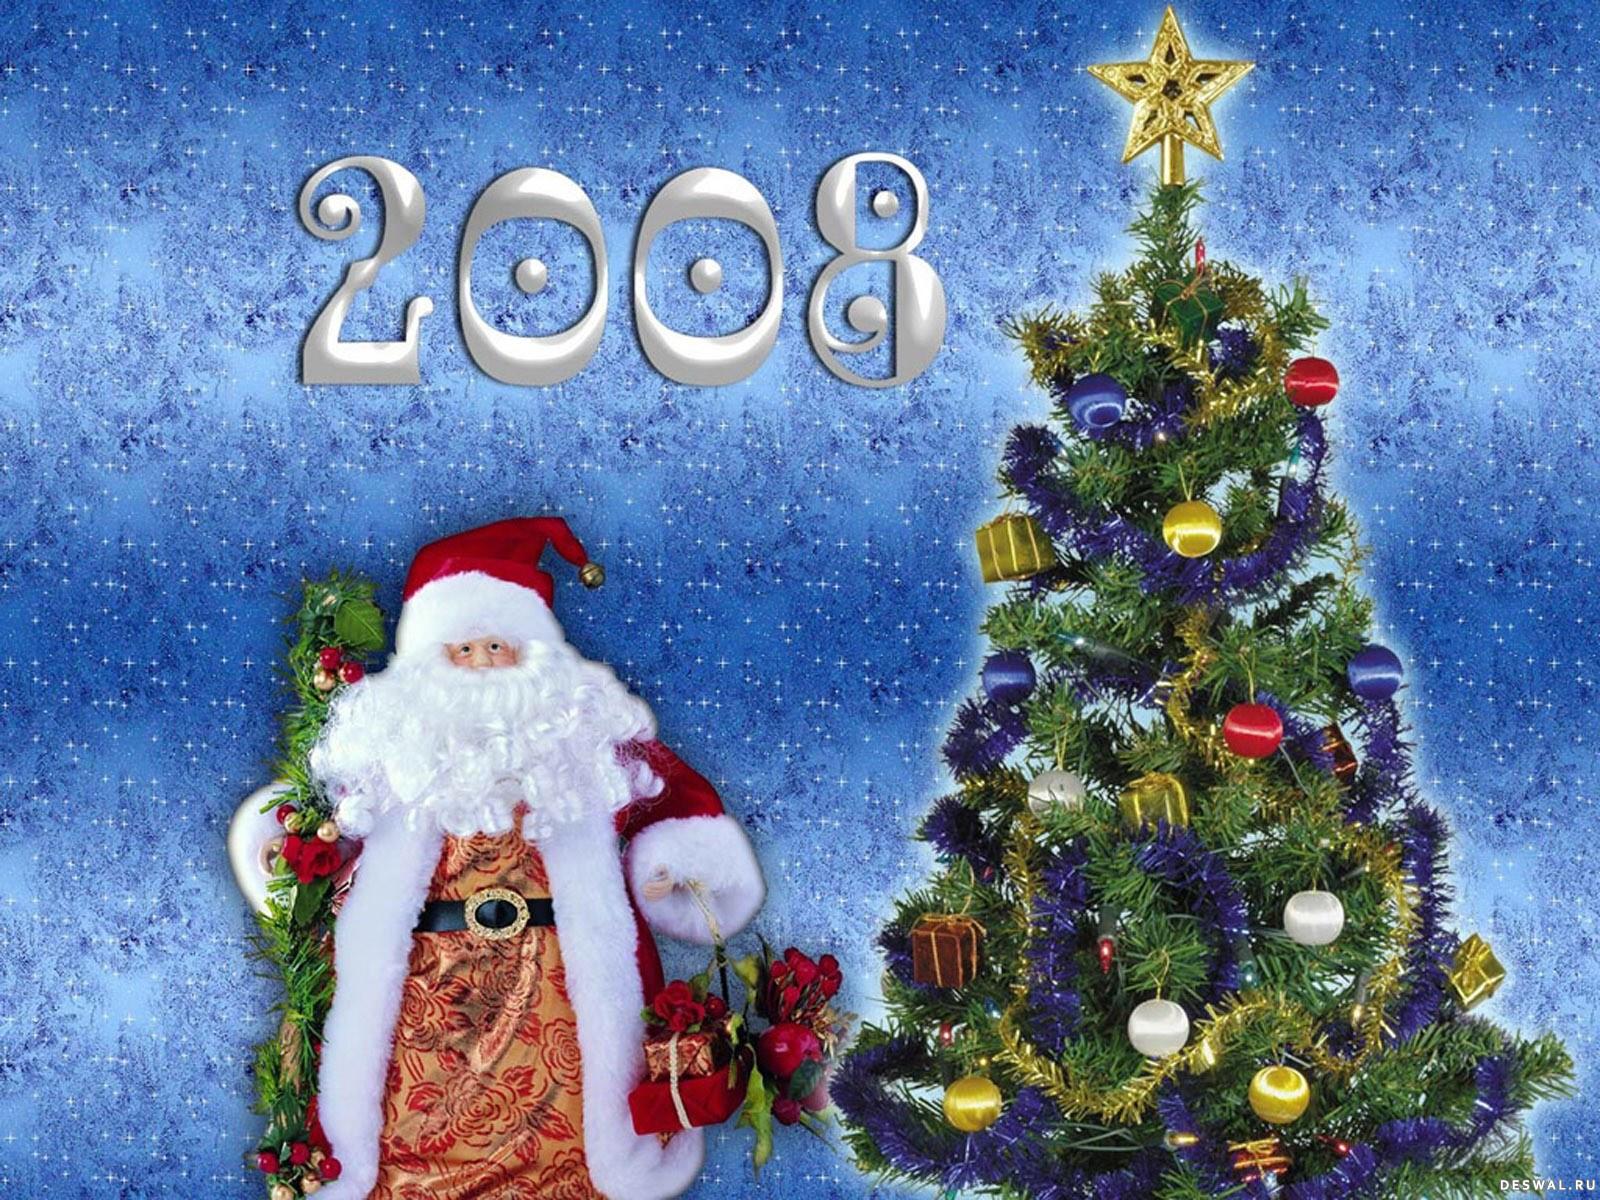 Елка и Дед Мороз